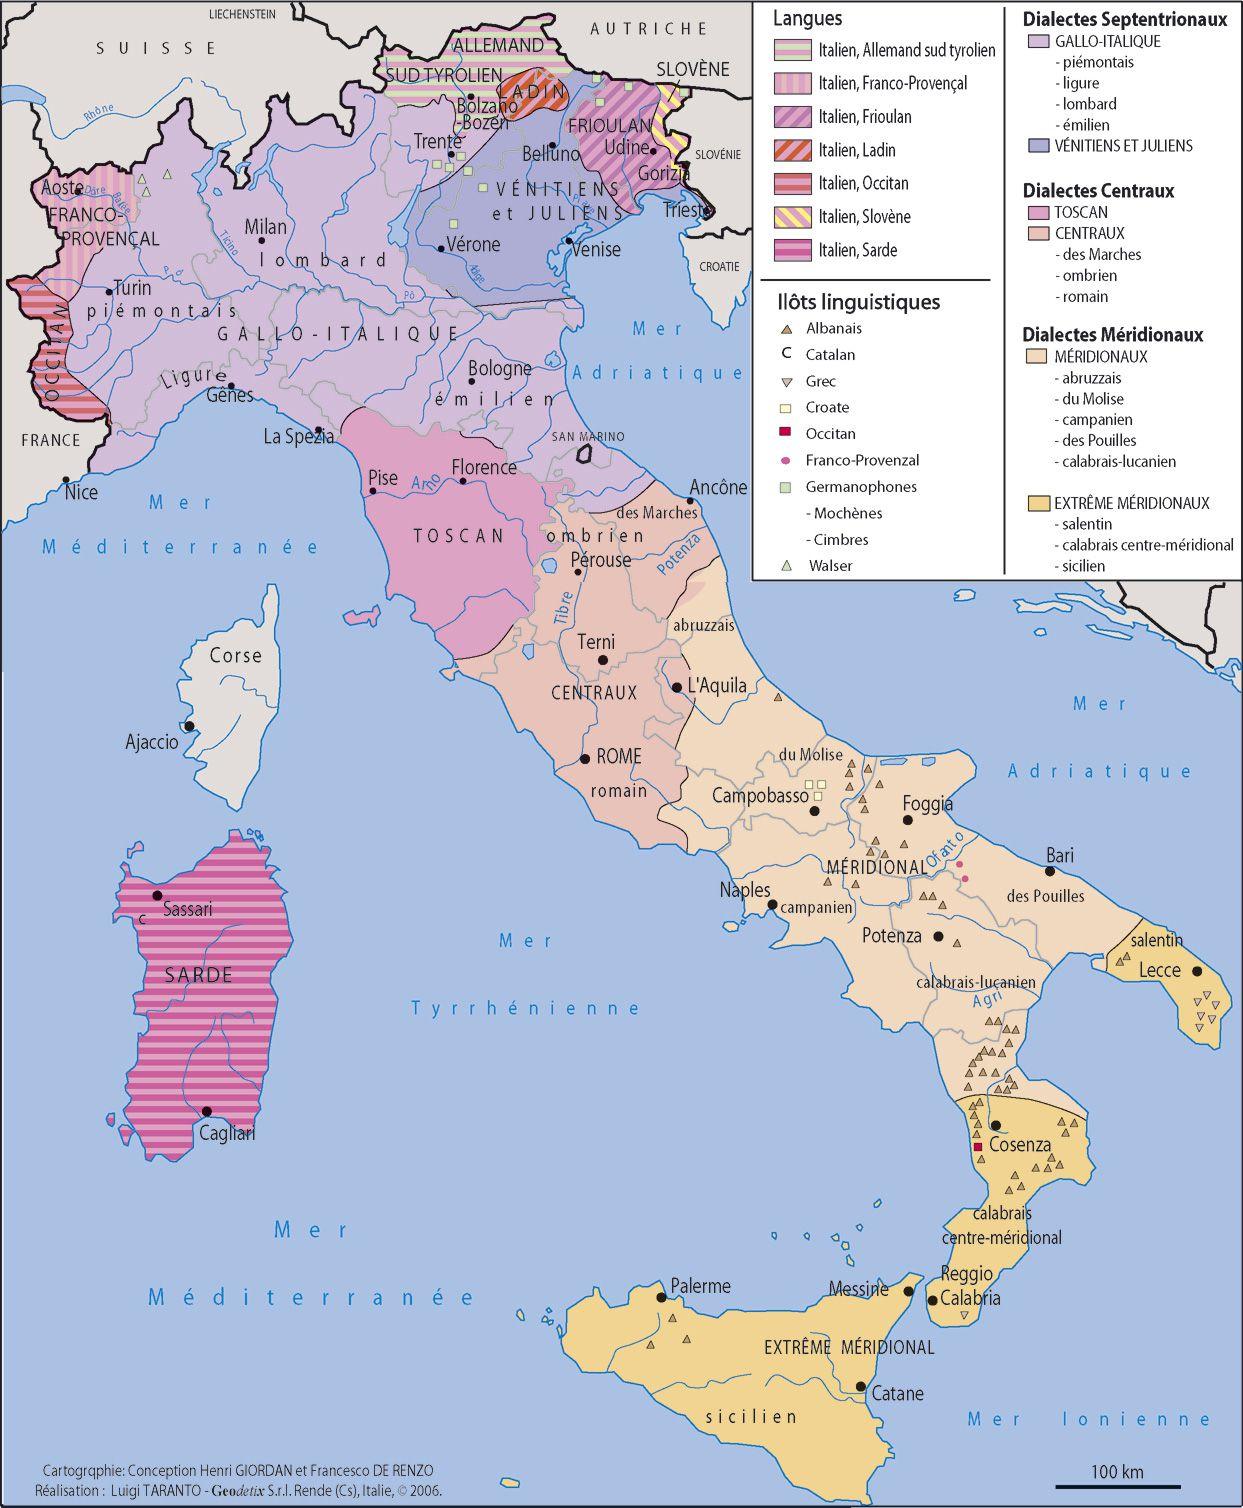 Carte de l'Italie - Cartes sur le relief, villes, Nord, îles, administrative...